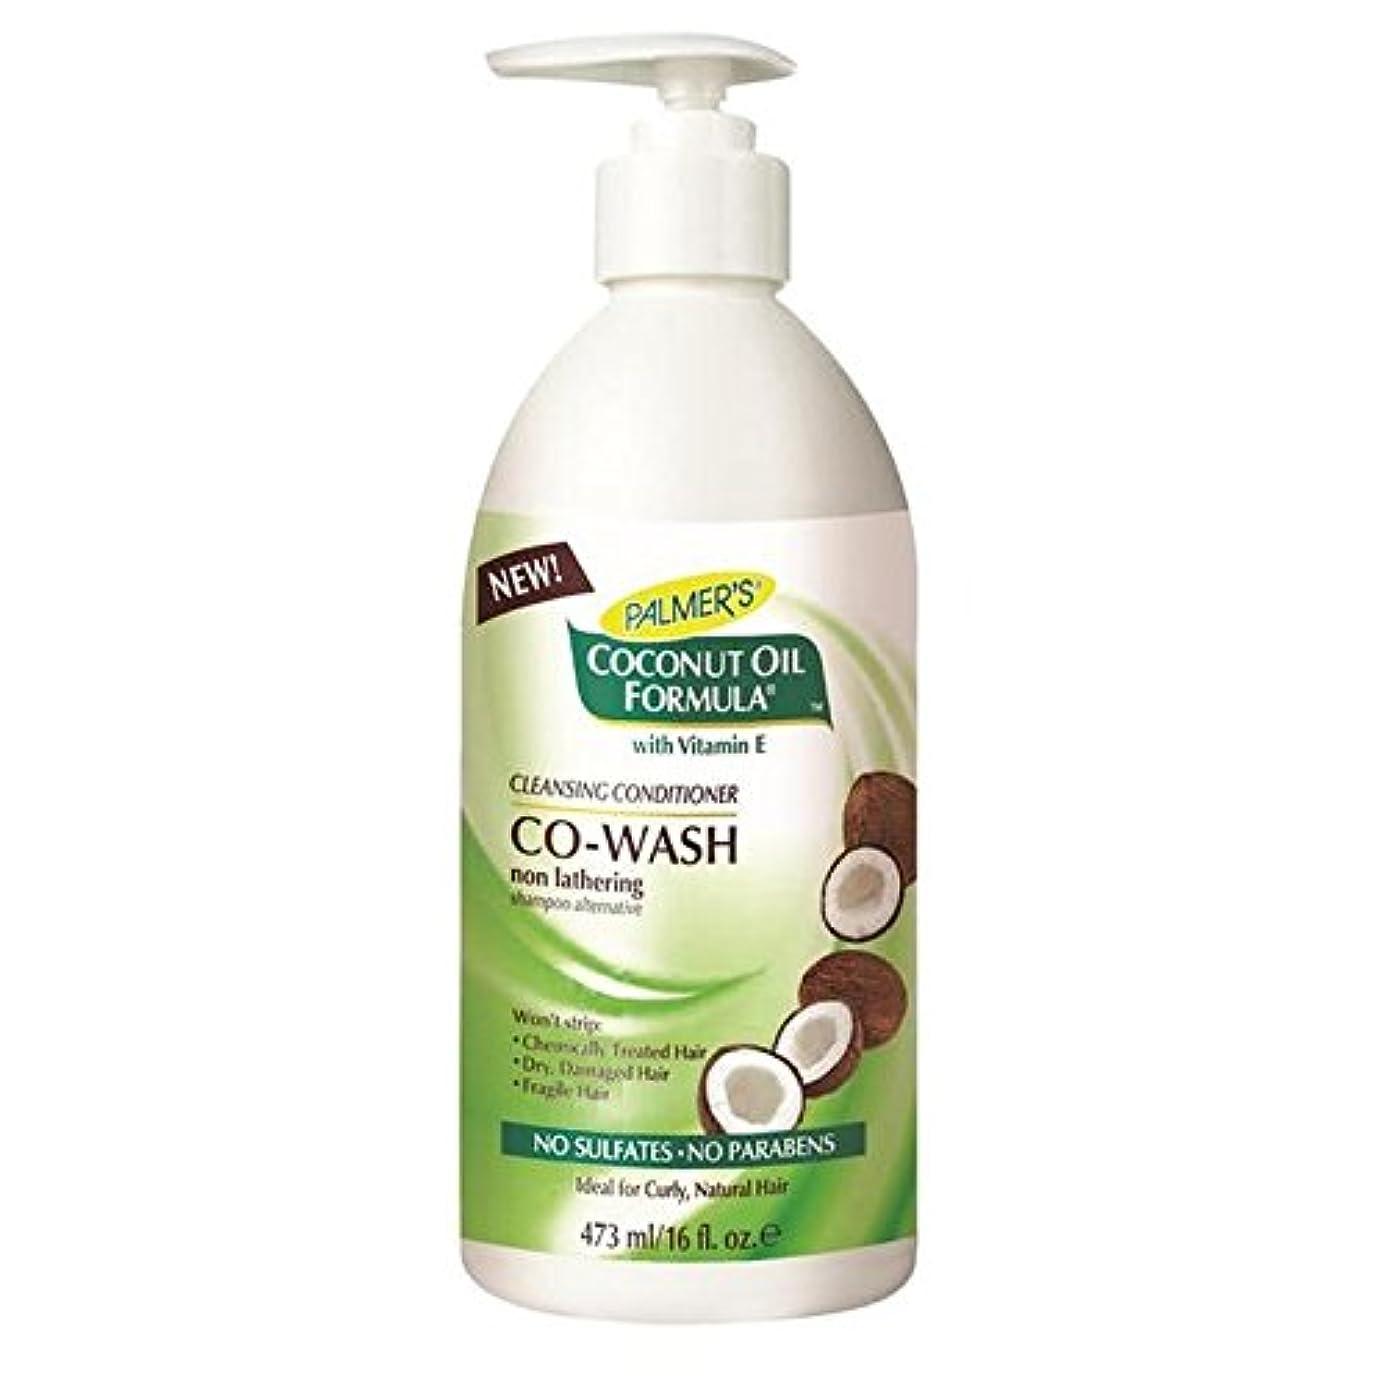 土曜日アンティークボタンPalmer's Coconut Formula Co-Wash Cleansing Conditioner, Shampoo Alternative 473ml - パーマーのココナッツ式コウォッシュクレンジングコンディショナー、シャンプー代替473ミリリットル [並行輸入品]